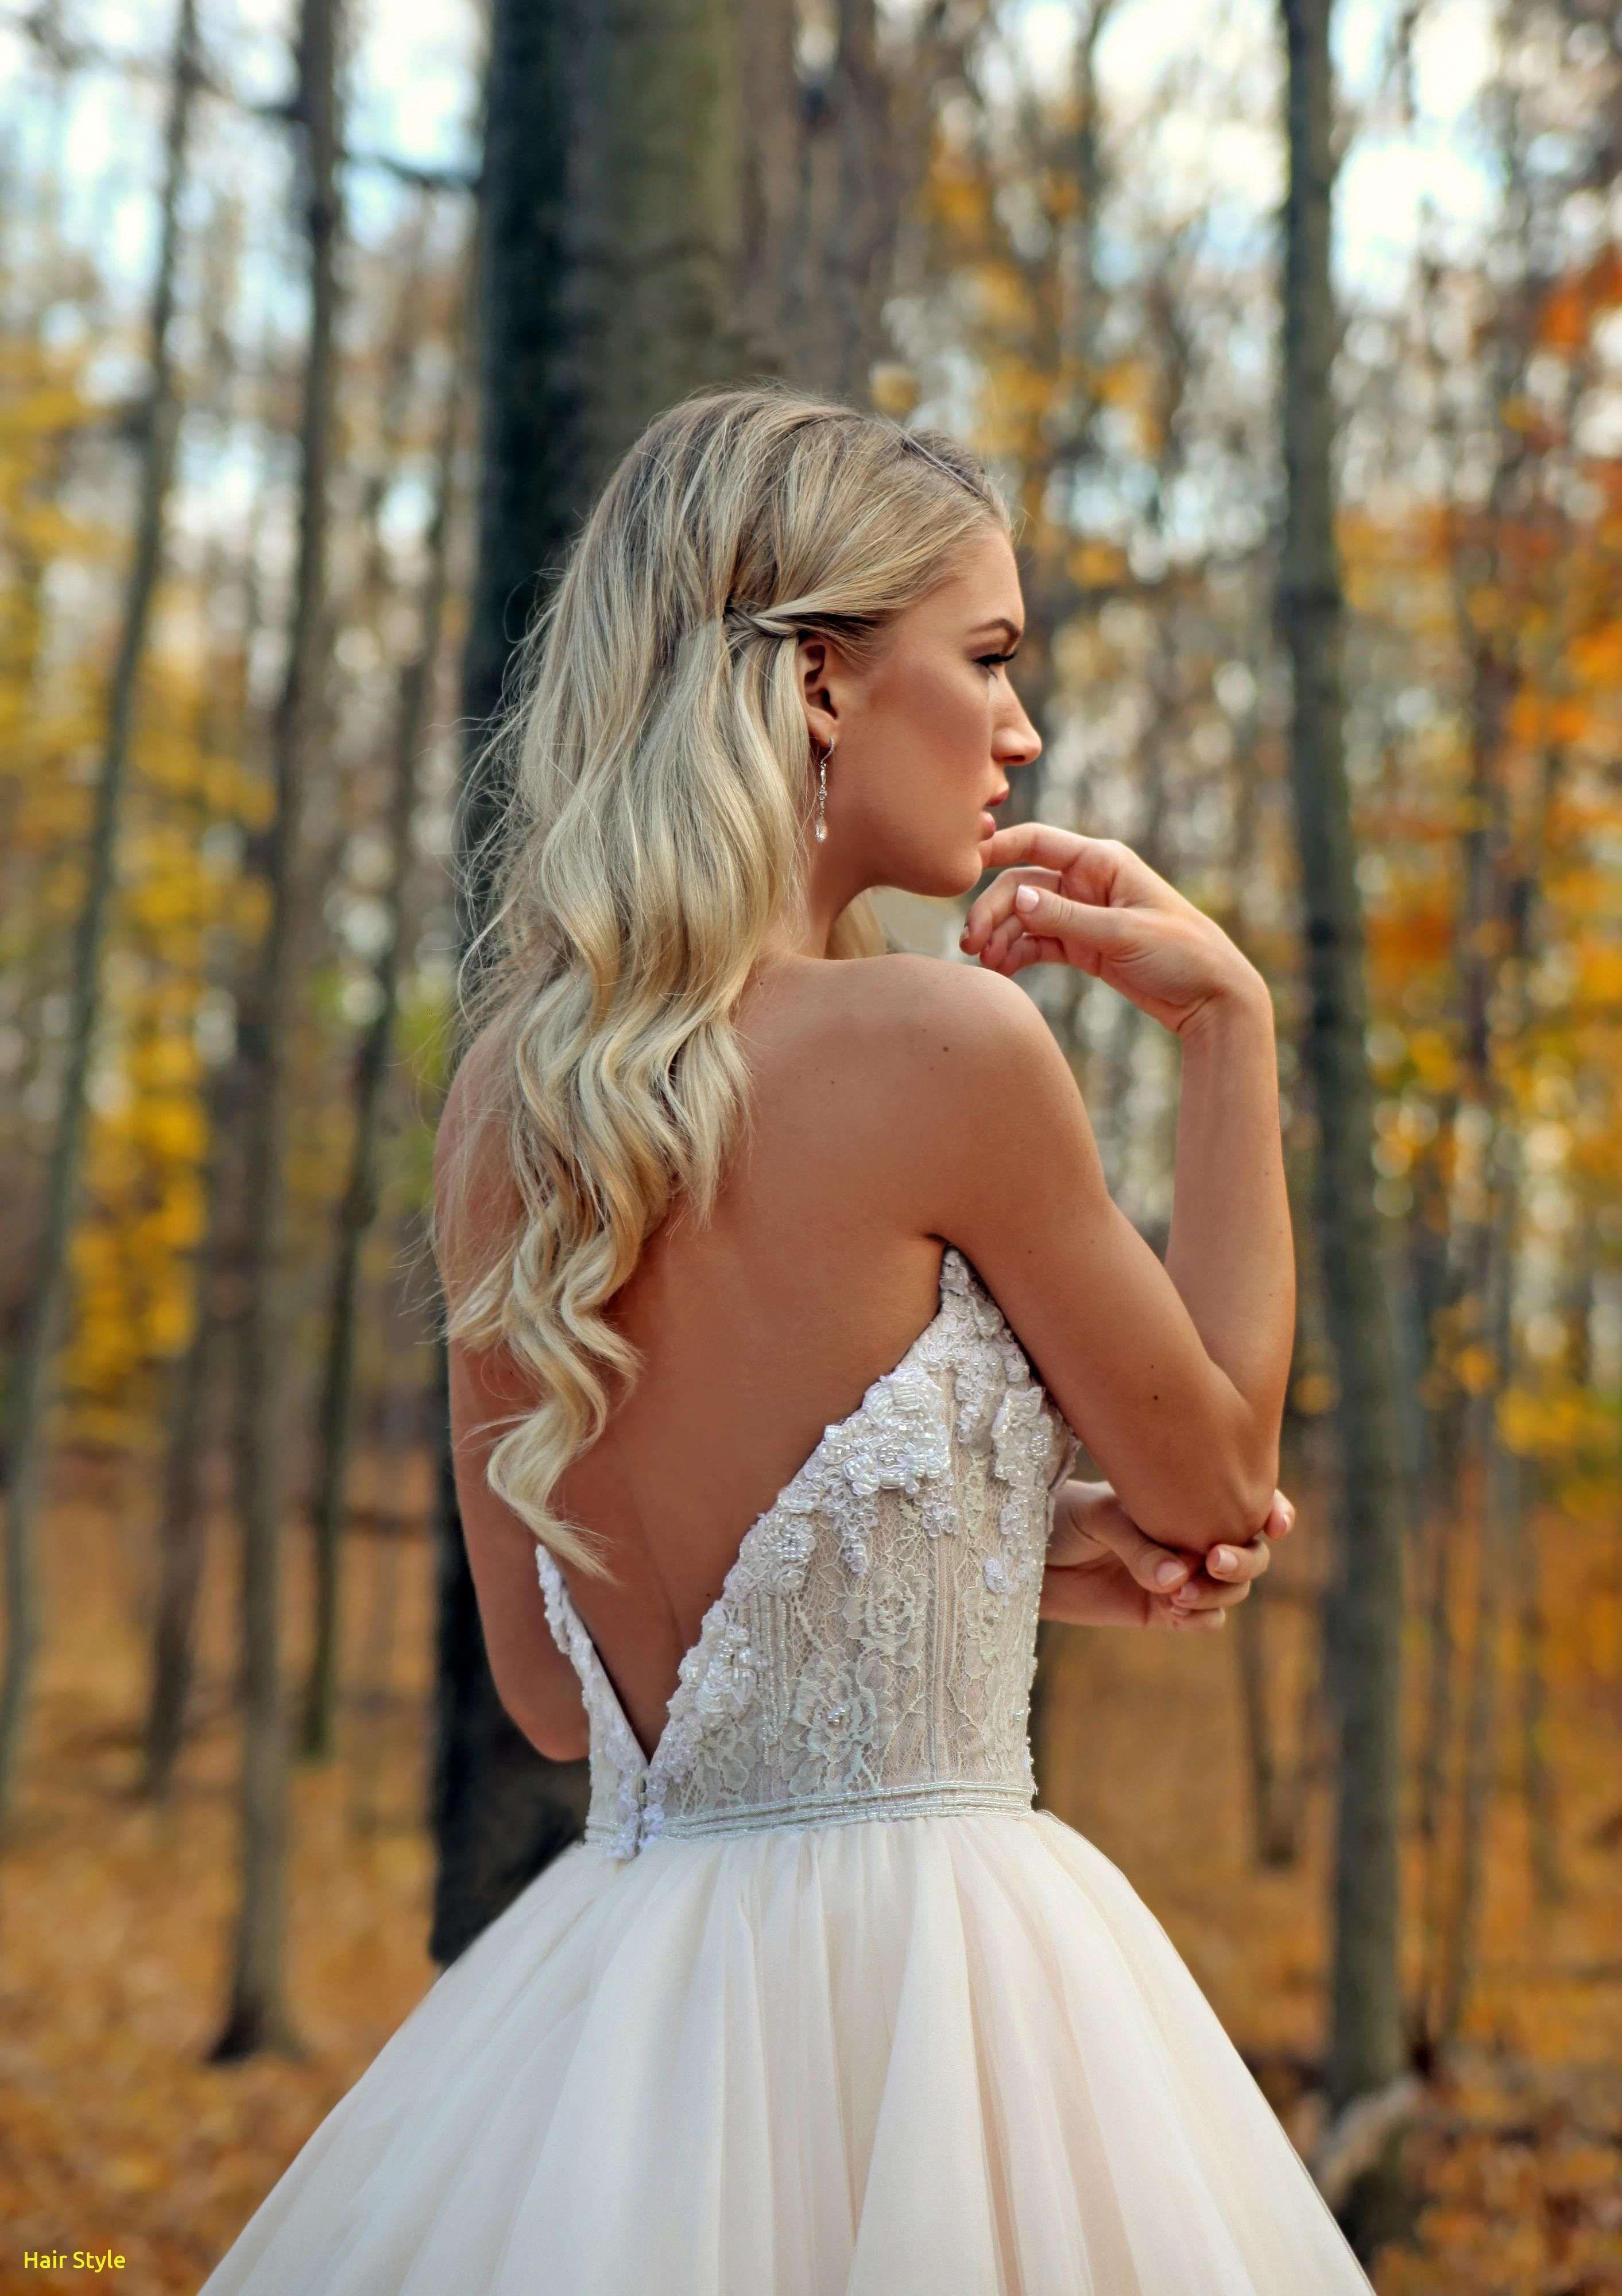 Neufrisurenstile Com Nbspthis Website Is For Sale Nbspneufrisurenstile Resources And Information Frisur Hochzeit Hochzeit Haare Hochzeit